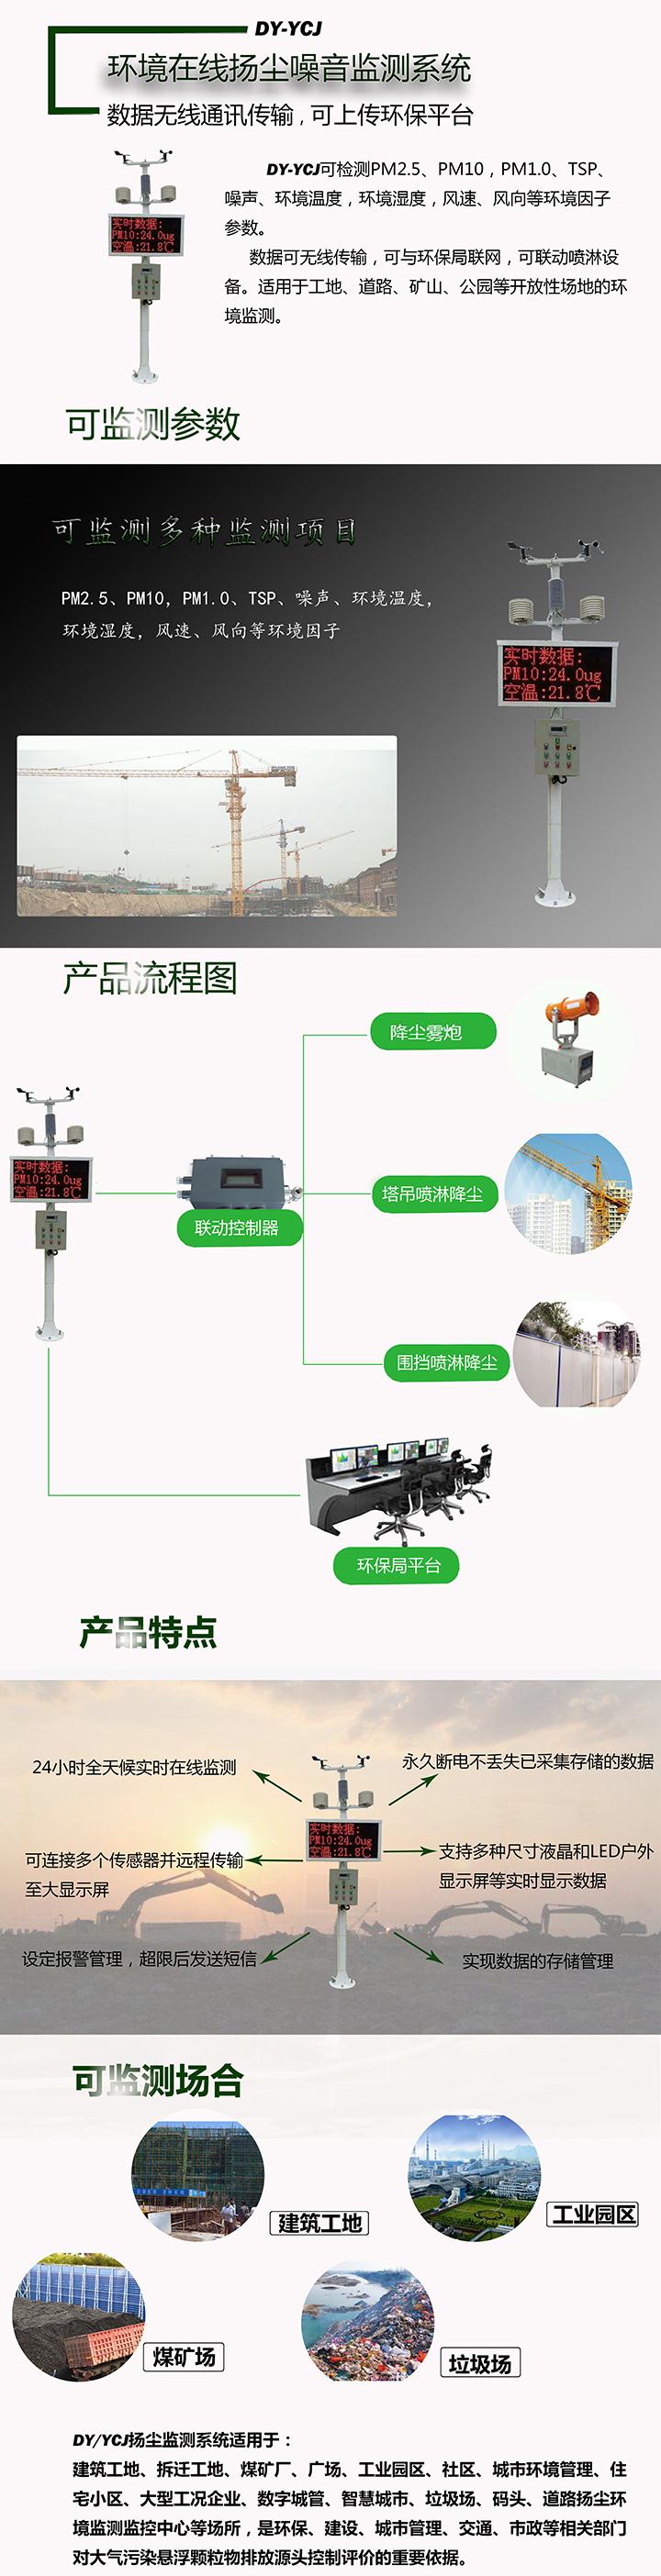 在线扬尘噪声监测系统